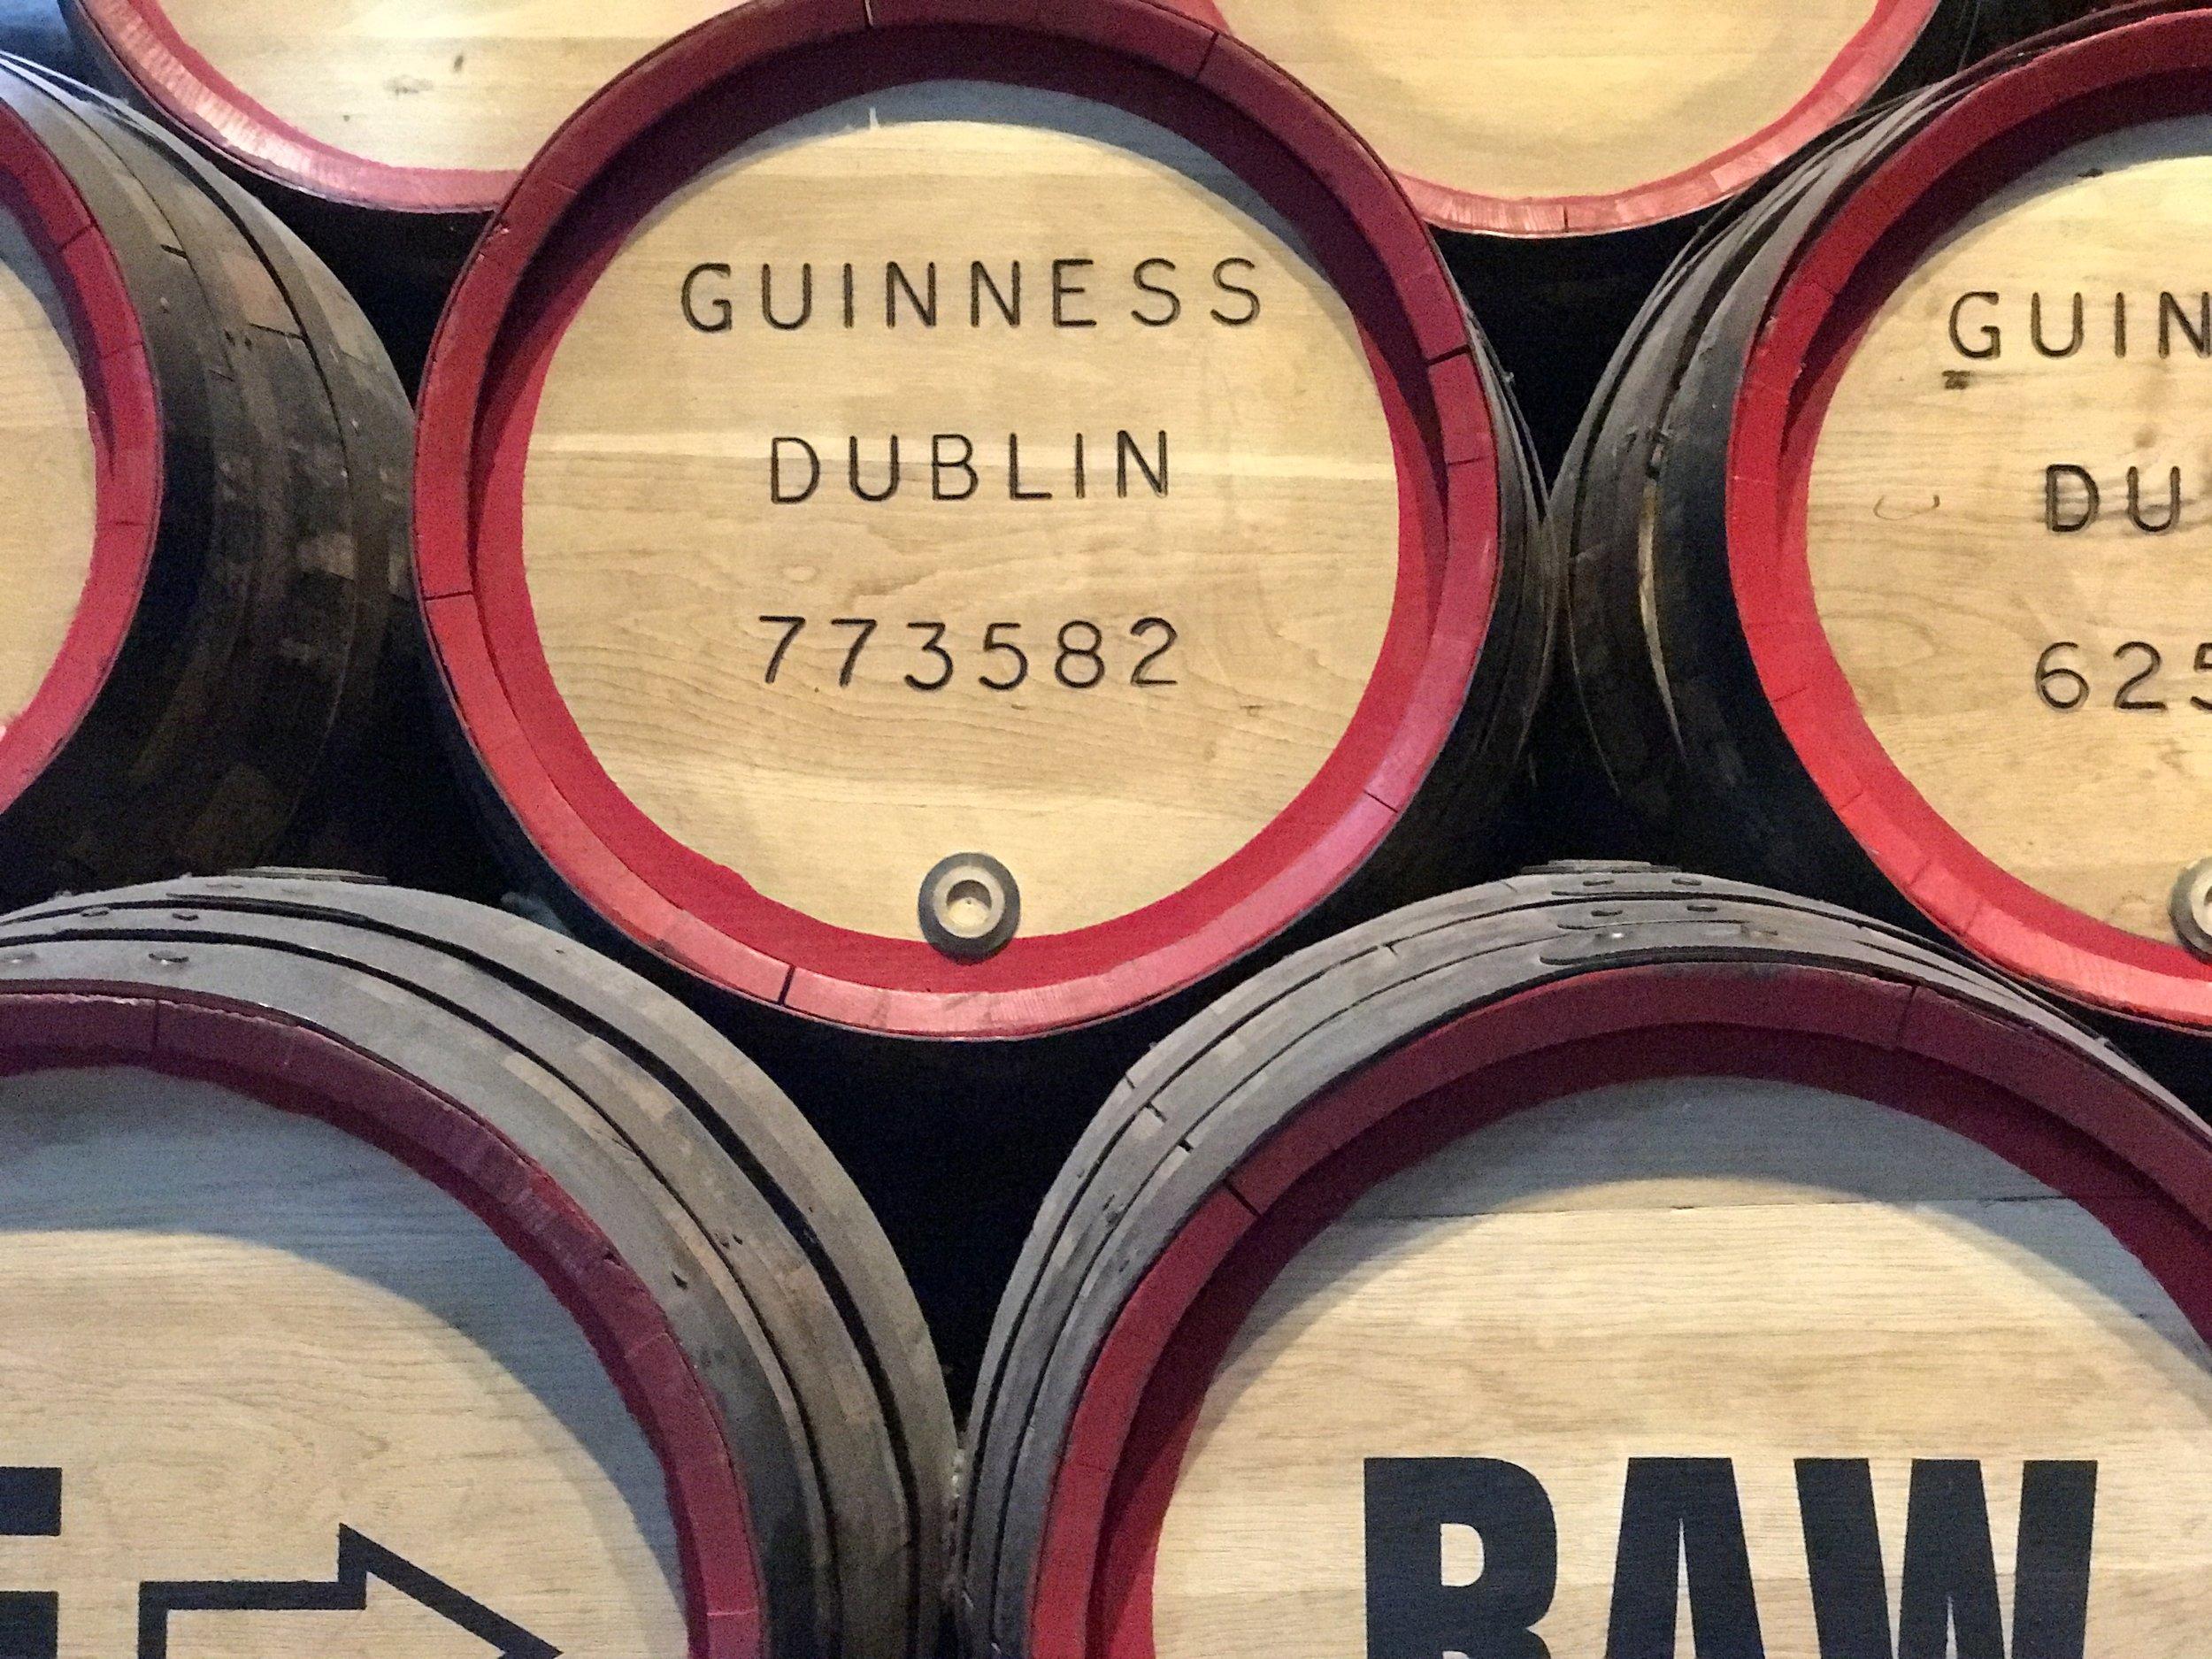 Guinness brewery tour, Dublin.